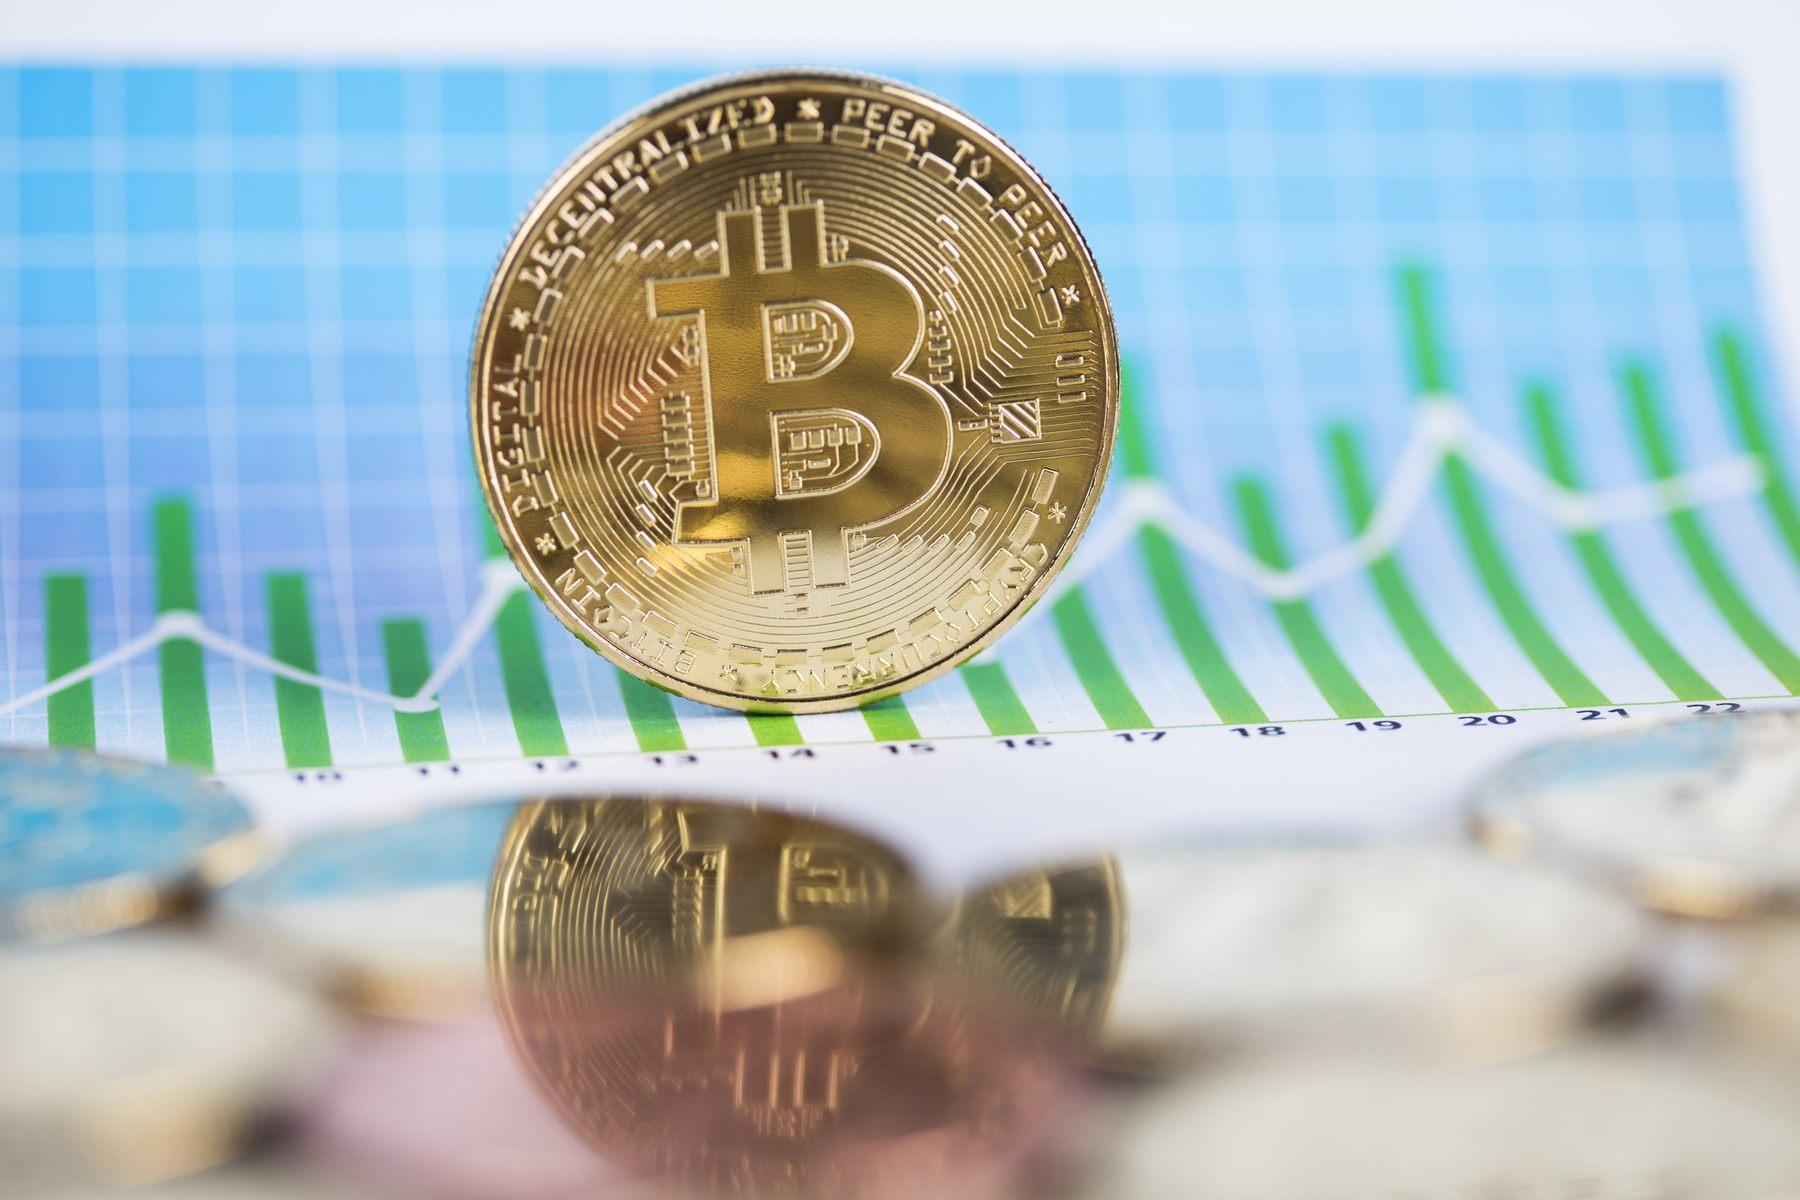 Bitcoin Kurs Explosion erwartet: Ist das nur die Ruhe vor dem Sturm?